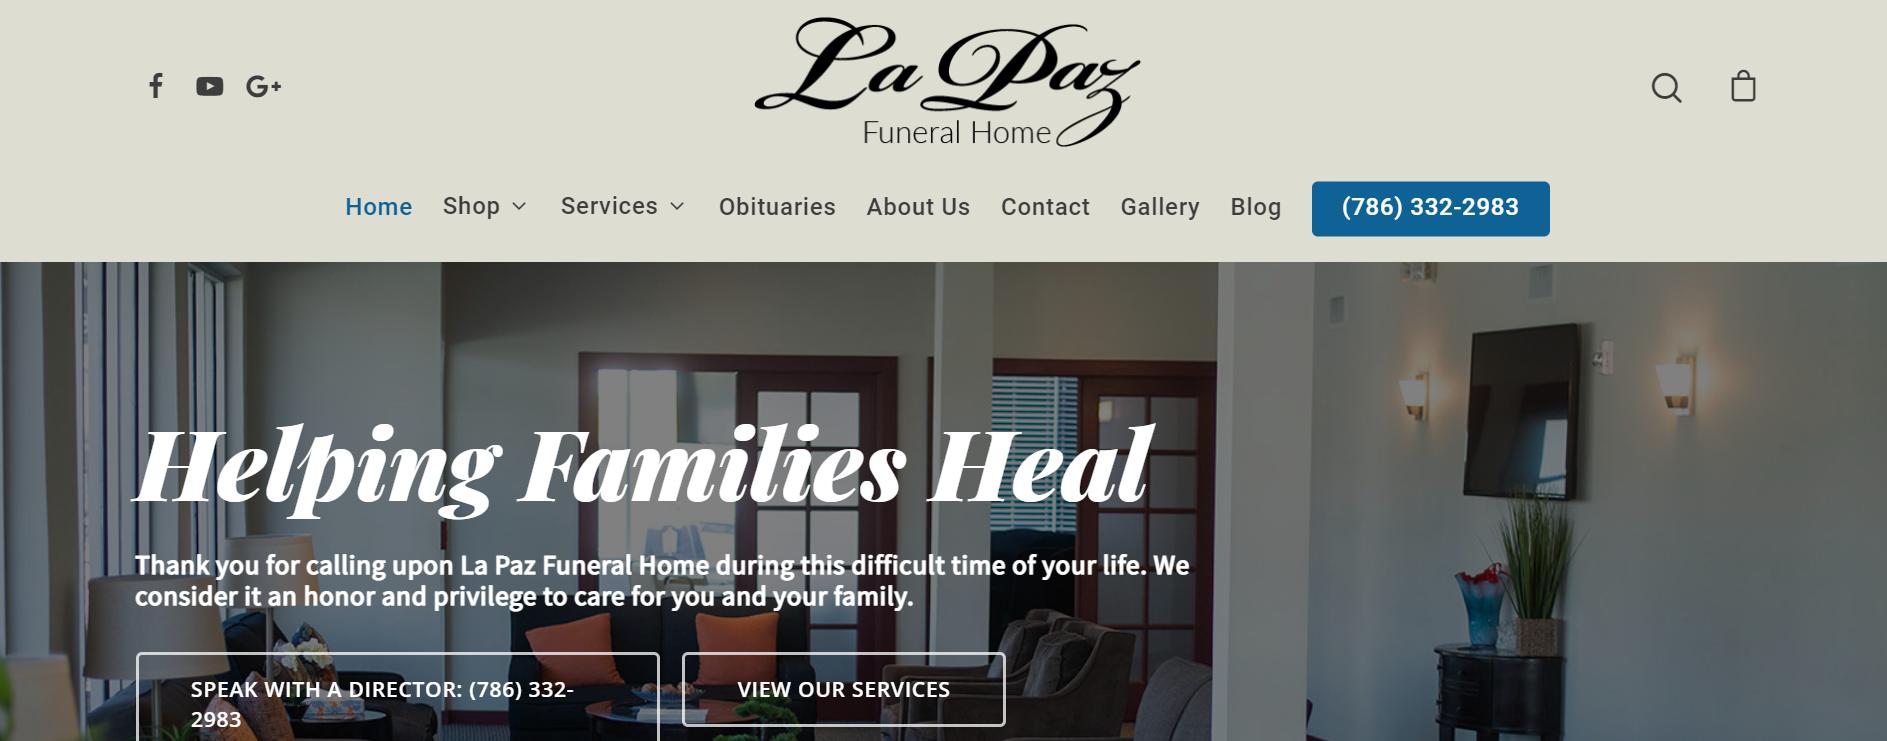 La Paz Funeral Homes in Miami